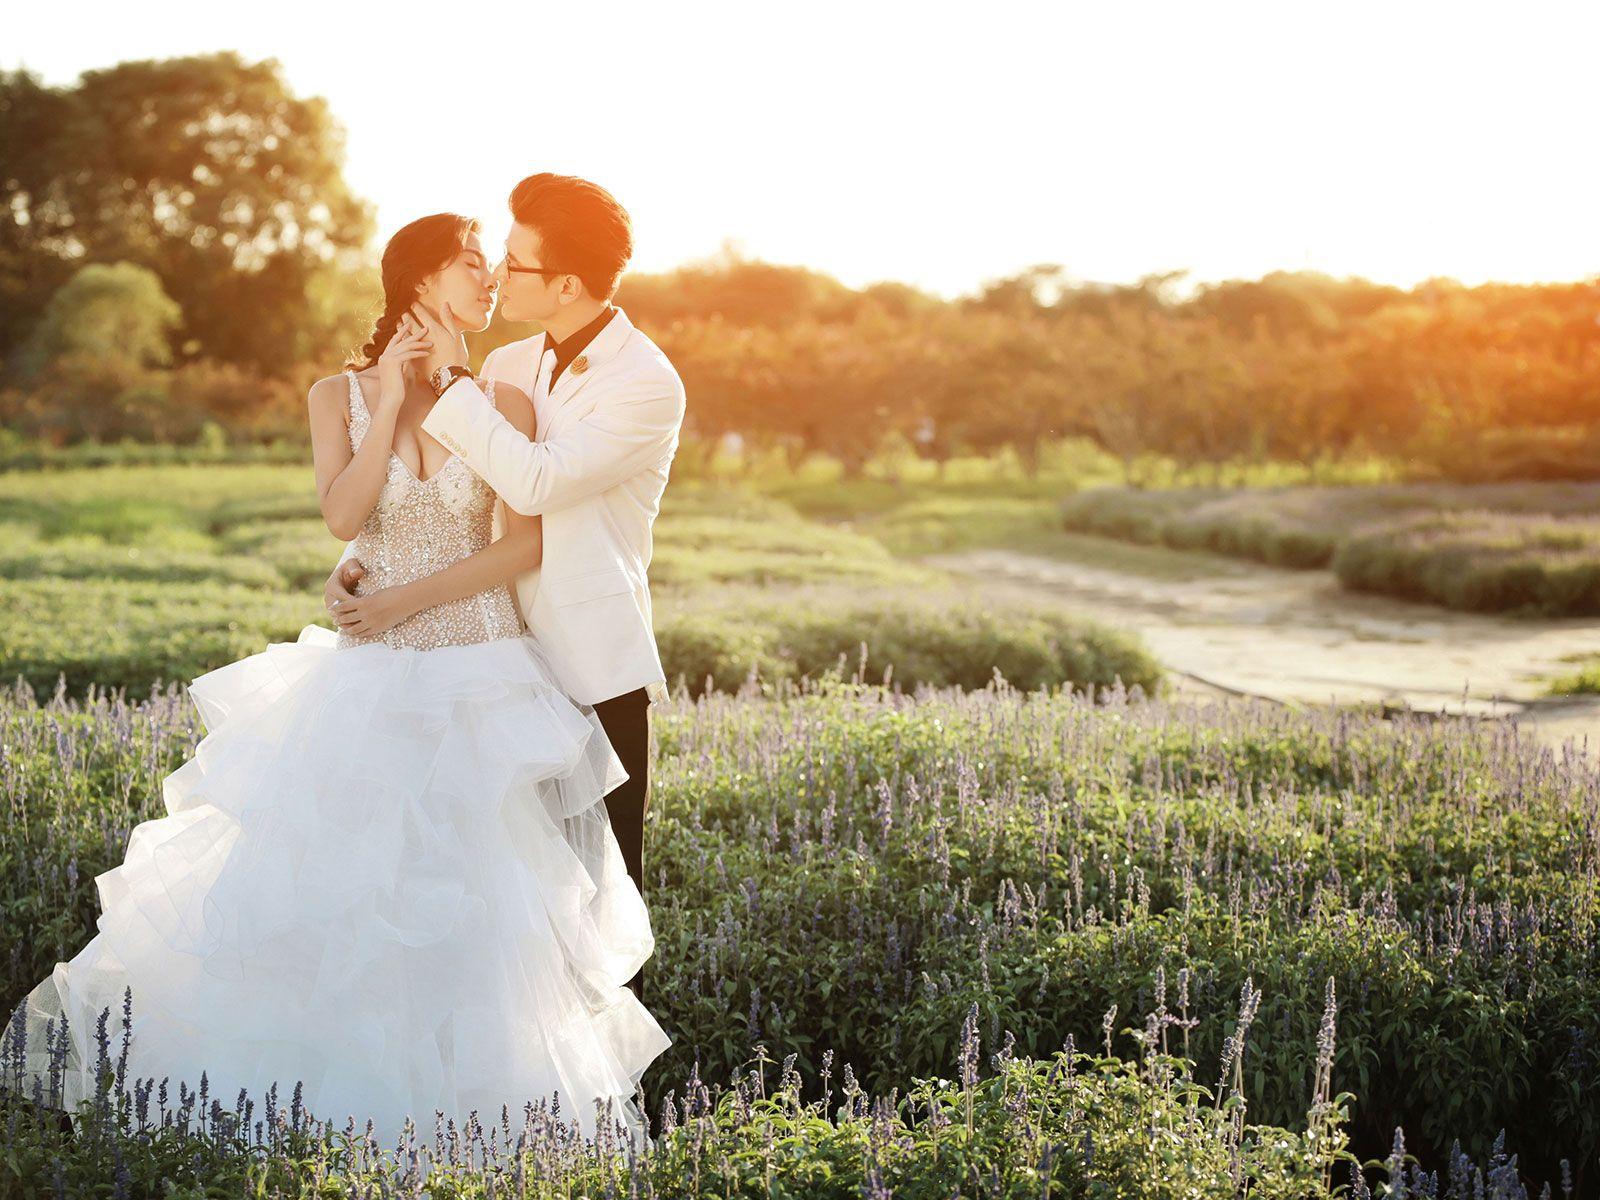 爱特婚纱礼服摄影